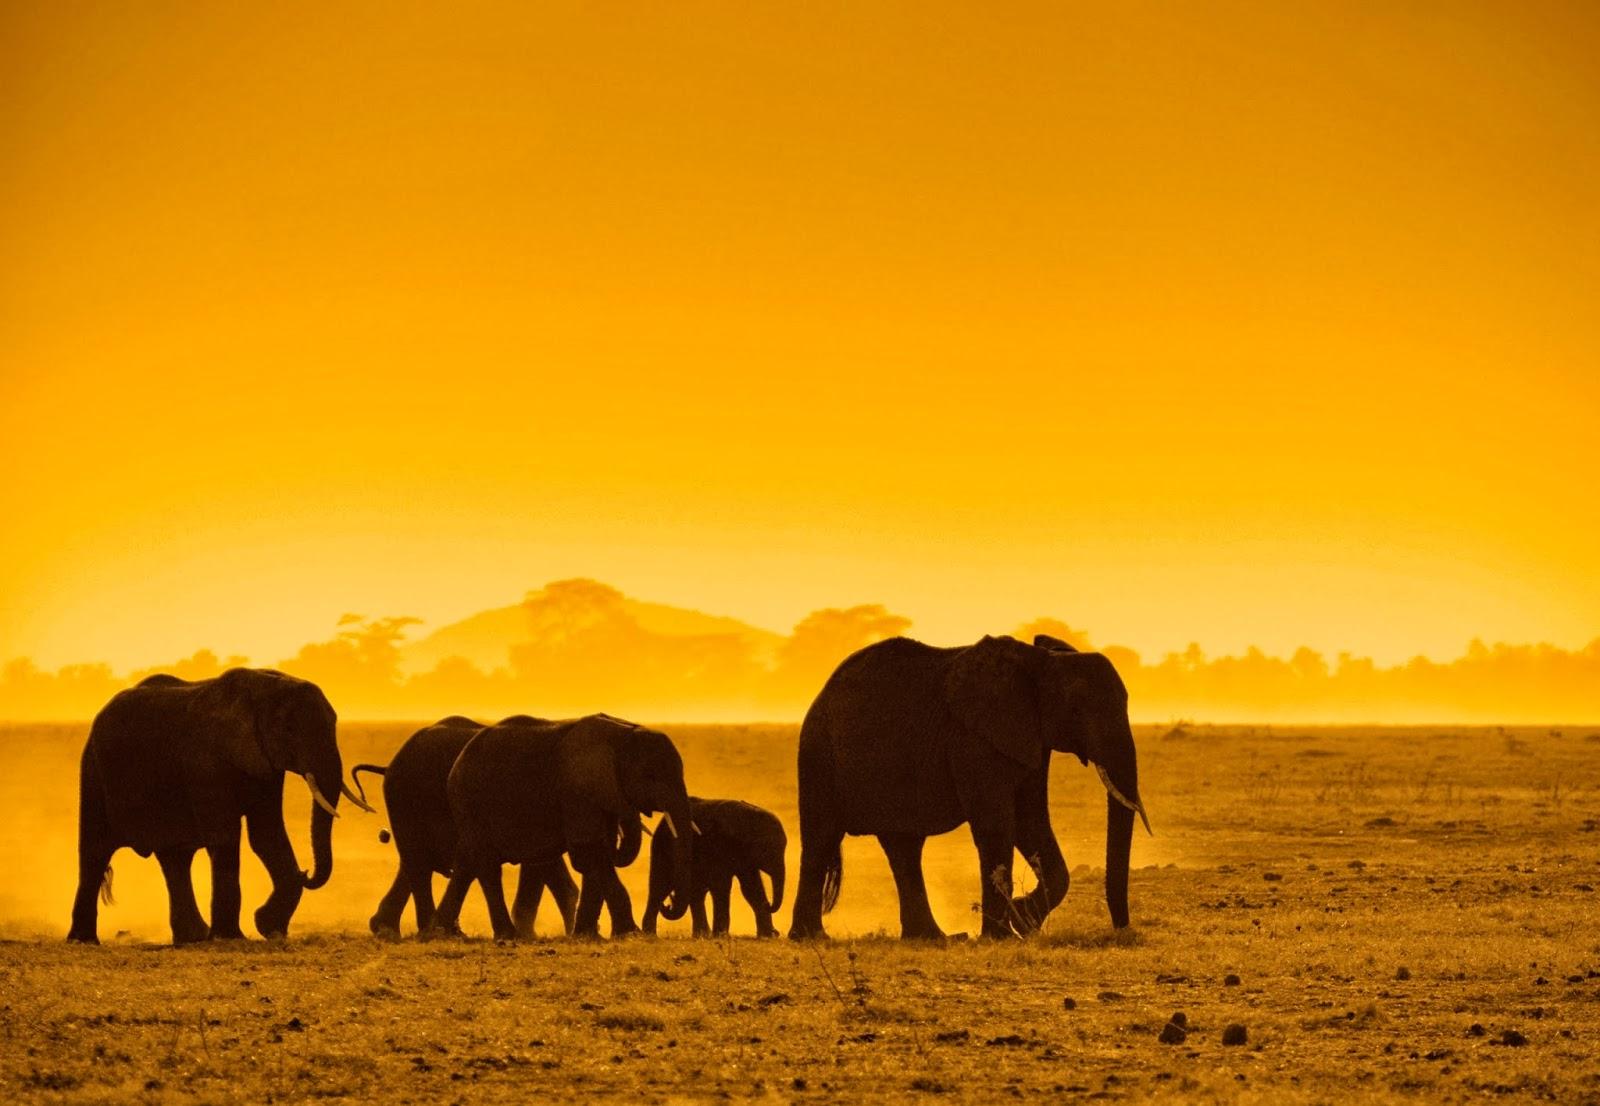 olifanten achtergronden bureaublad - photo #19